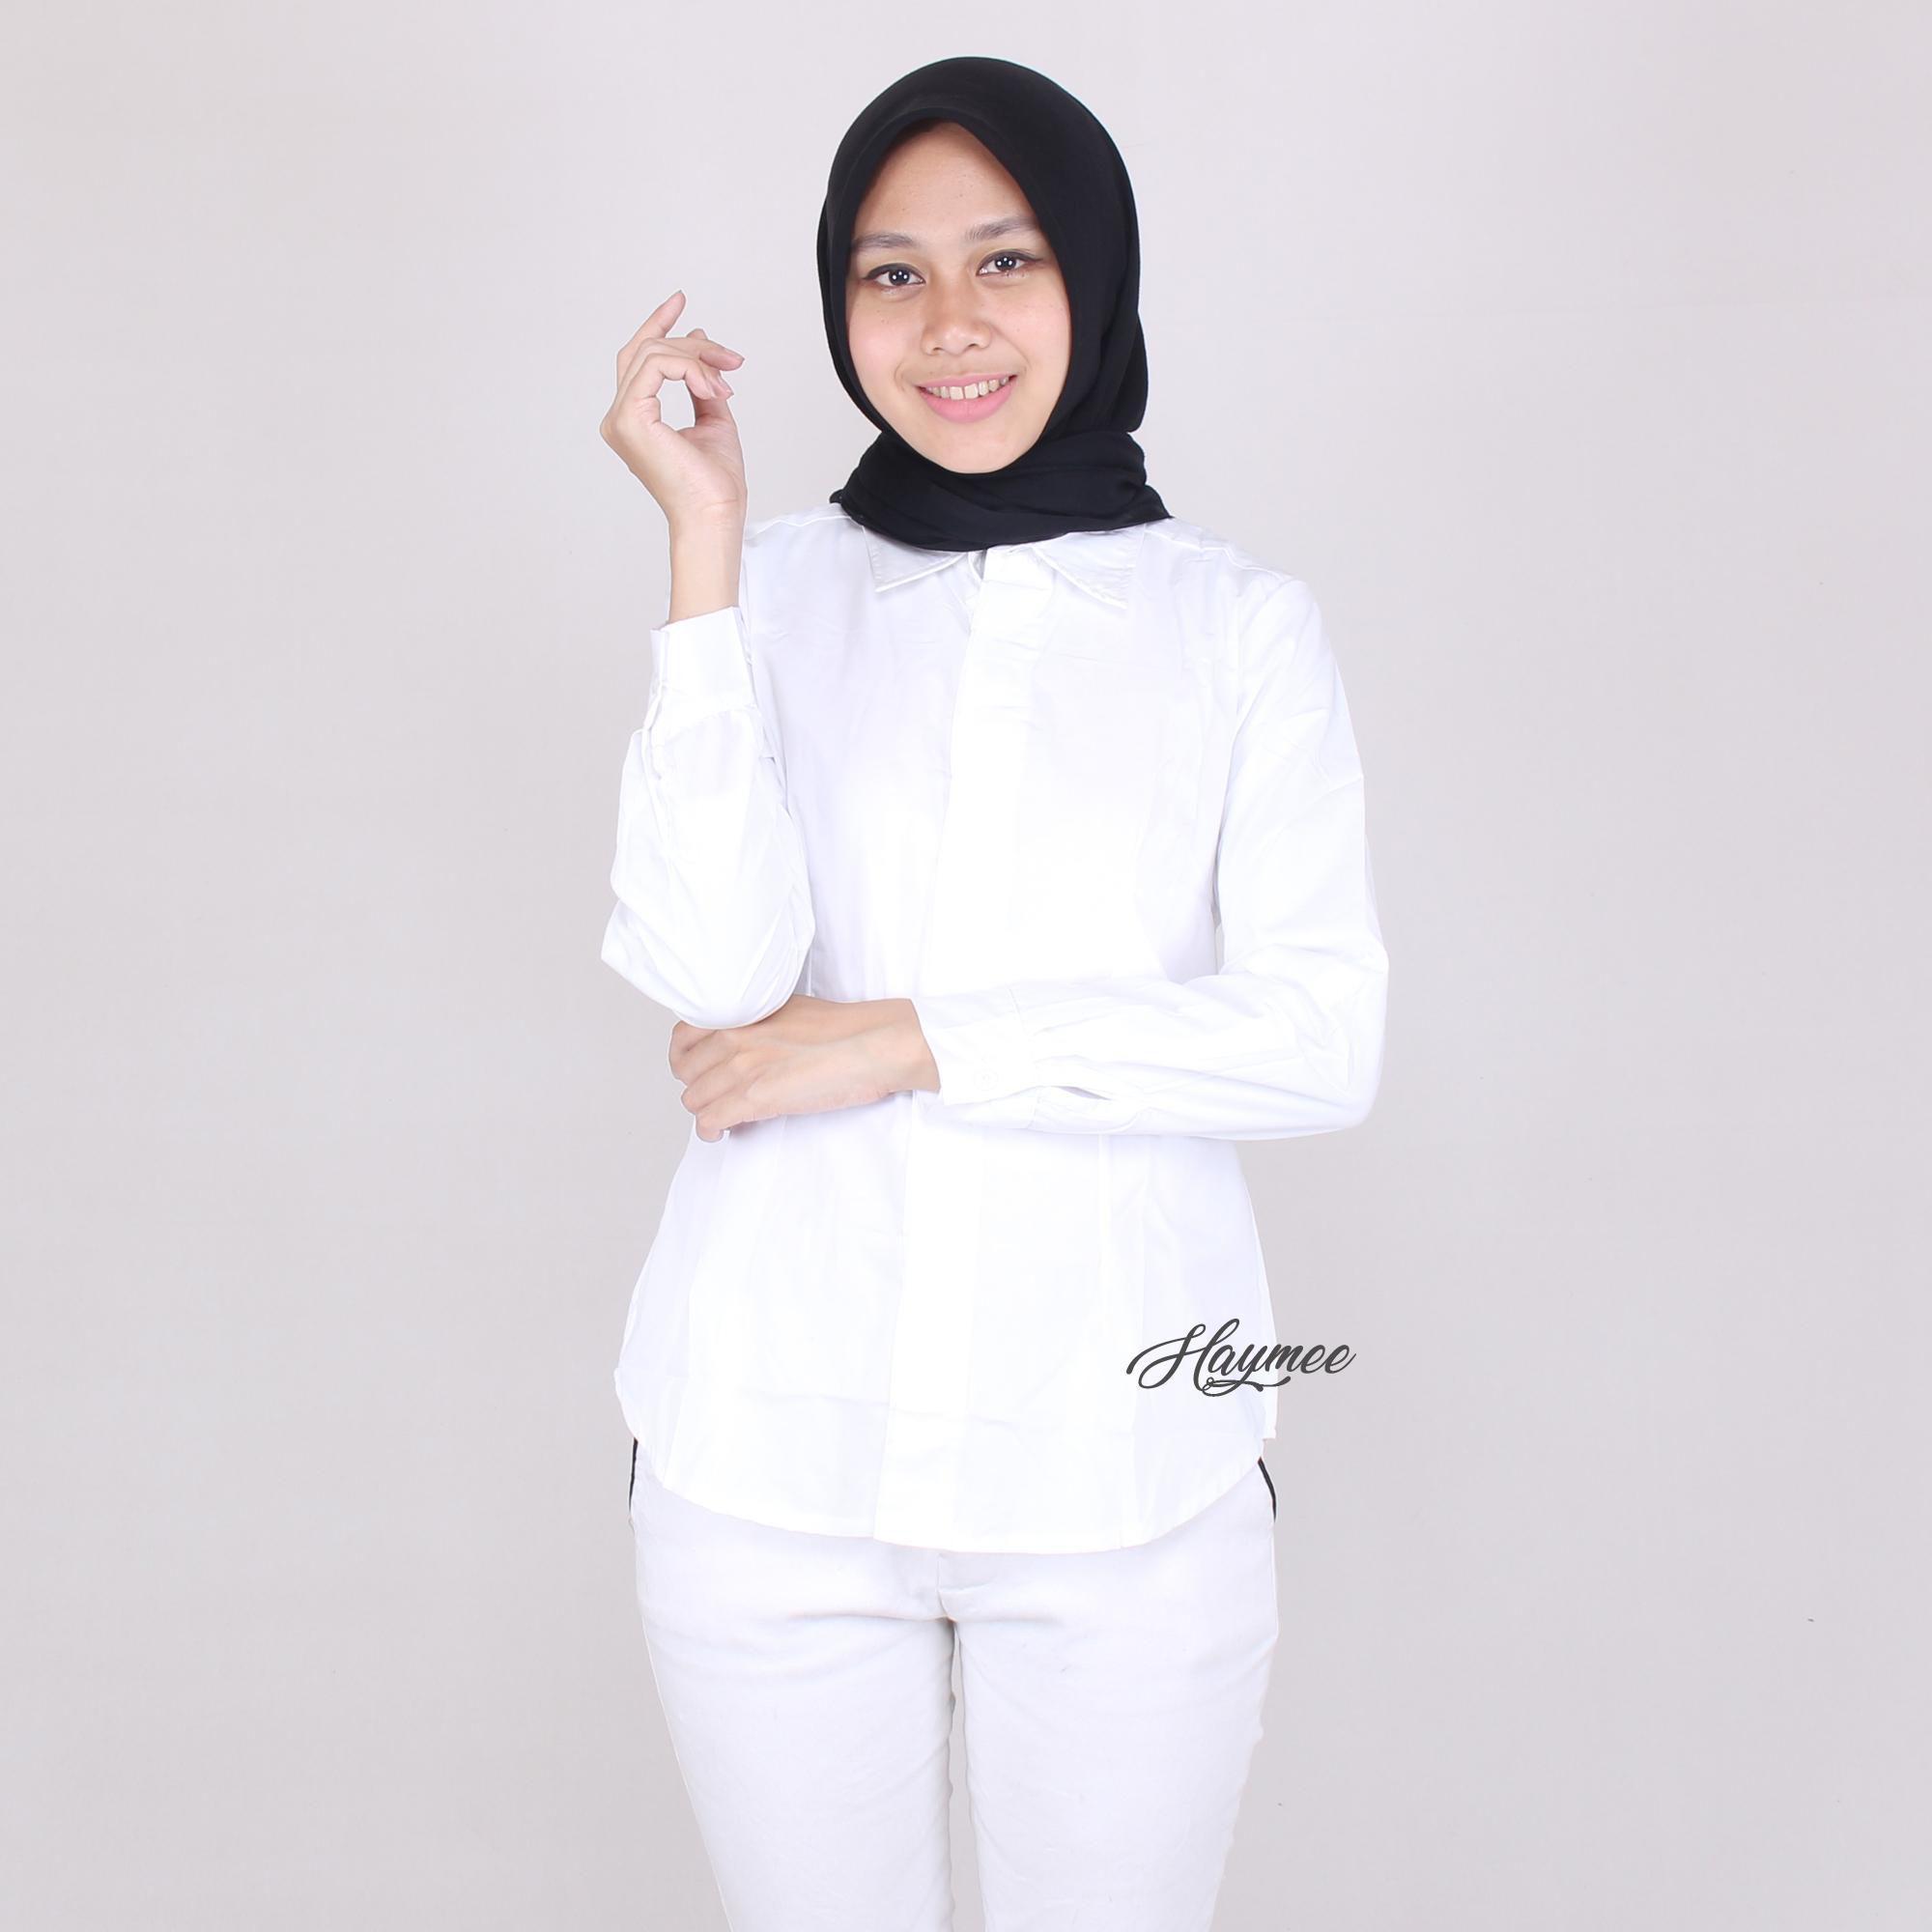 HaymeeStore Kemeja Putih Polos Wanita Baju Kantor Cewek Formal Atasan Kerja cewe Bahan Katun